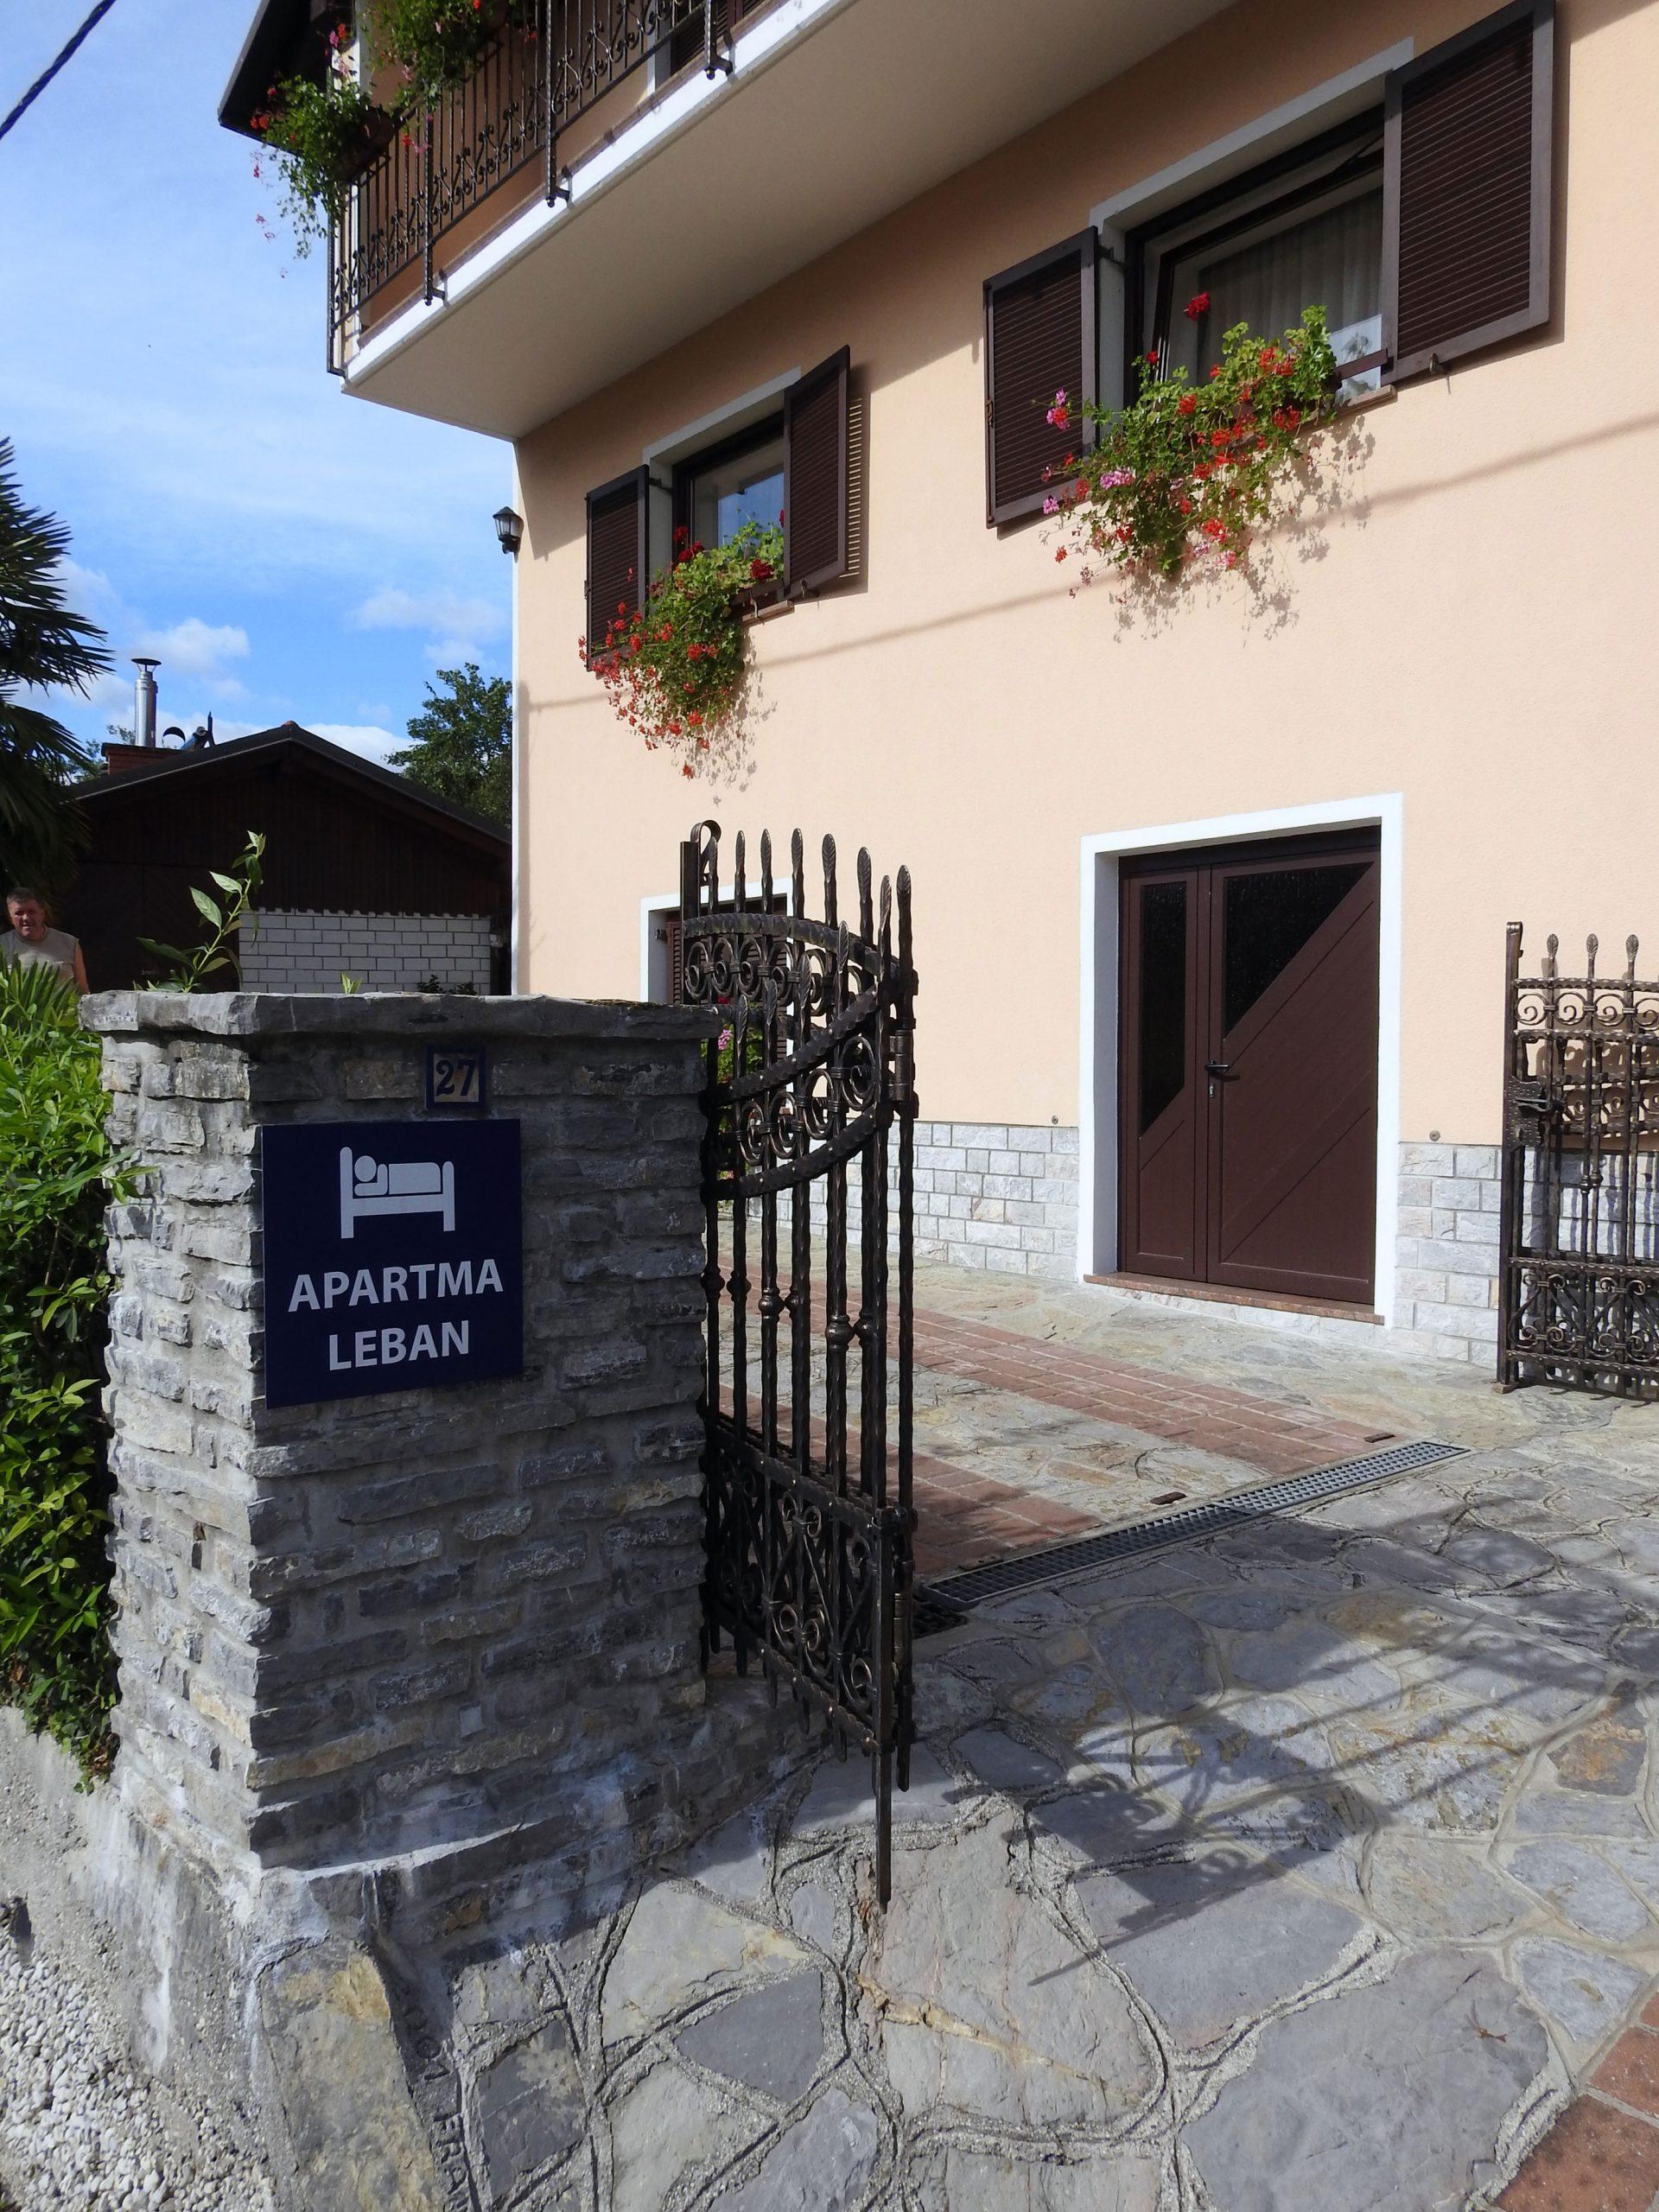 Apartma Leban - Zgornji vhod na dvorišče in parkirišče